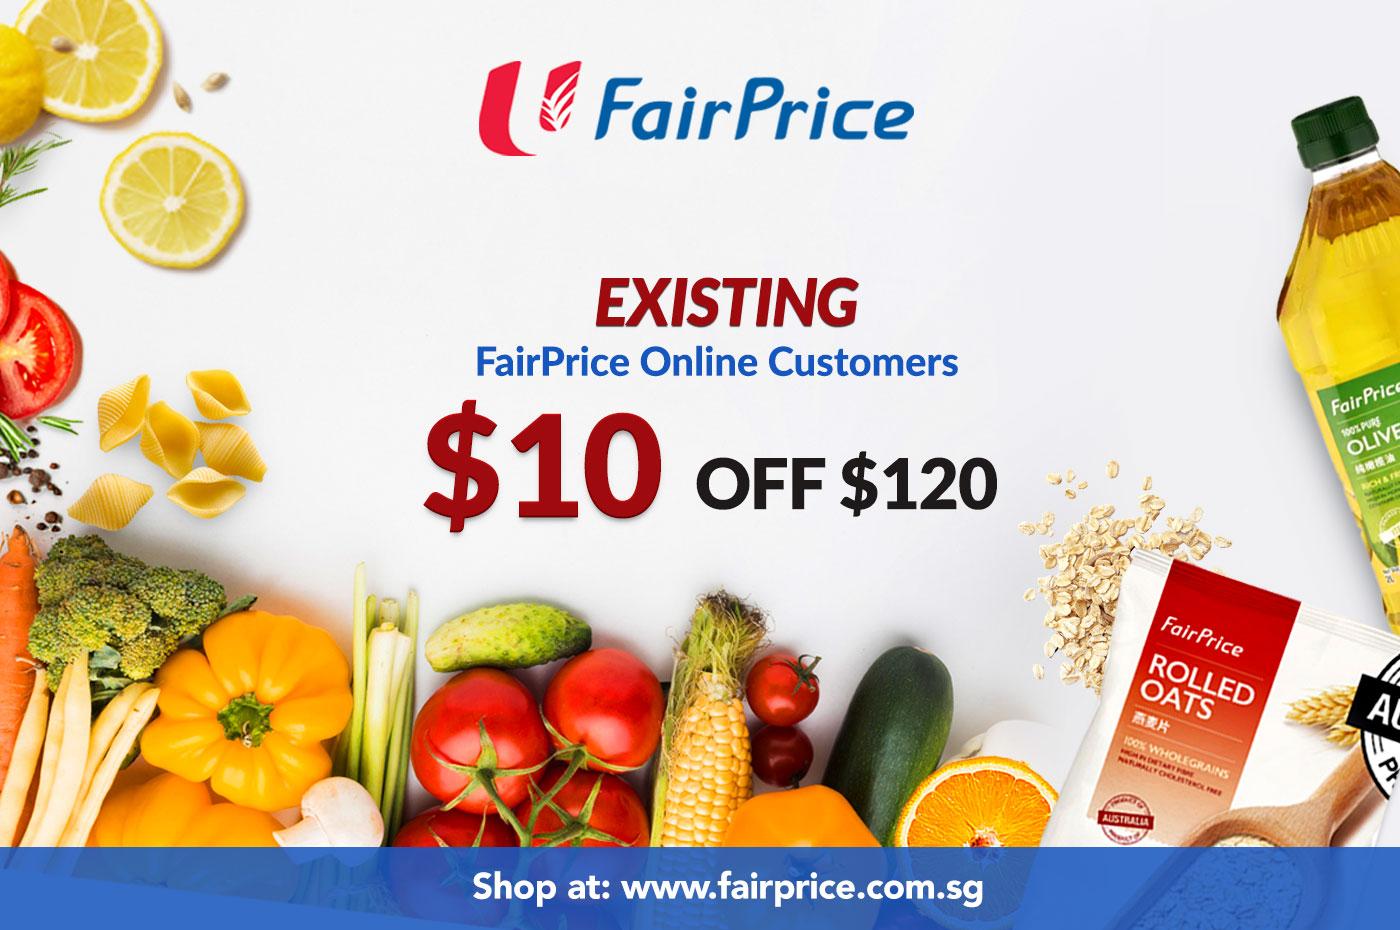 Enjoy $10 off storewide at FairPrice Online